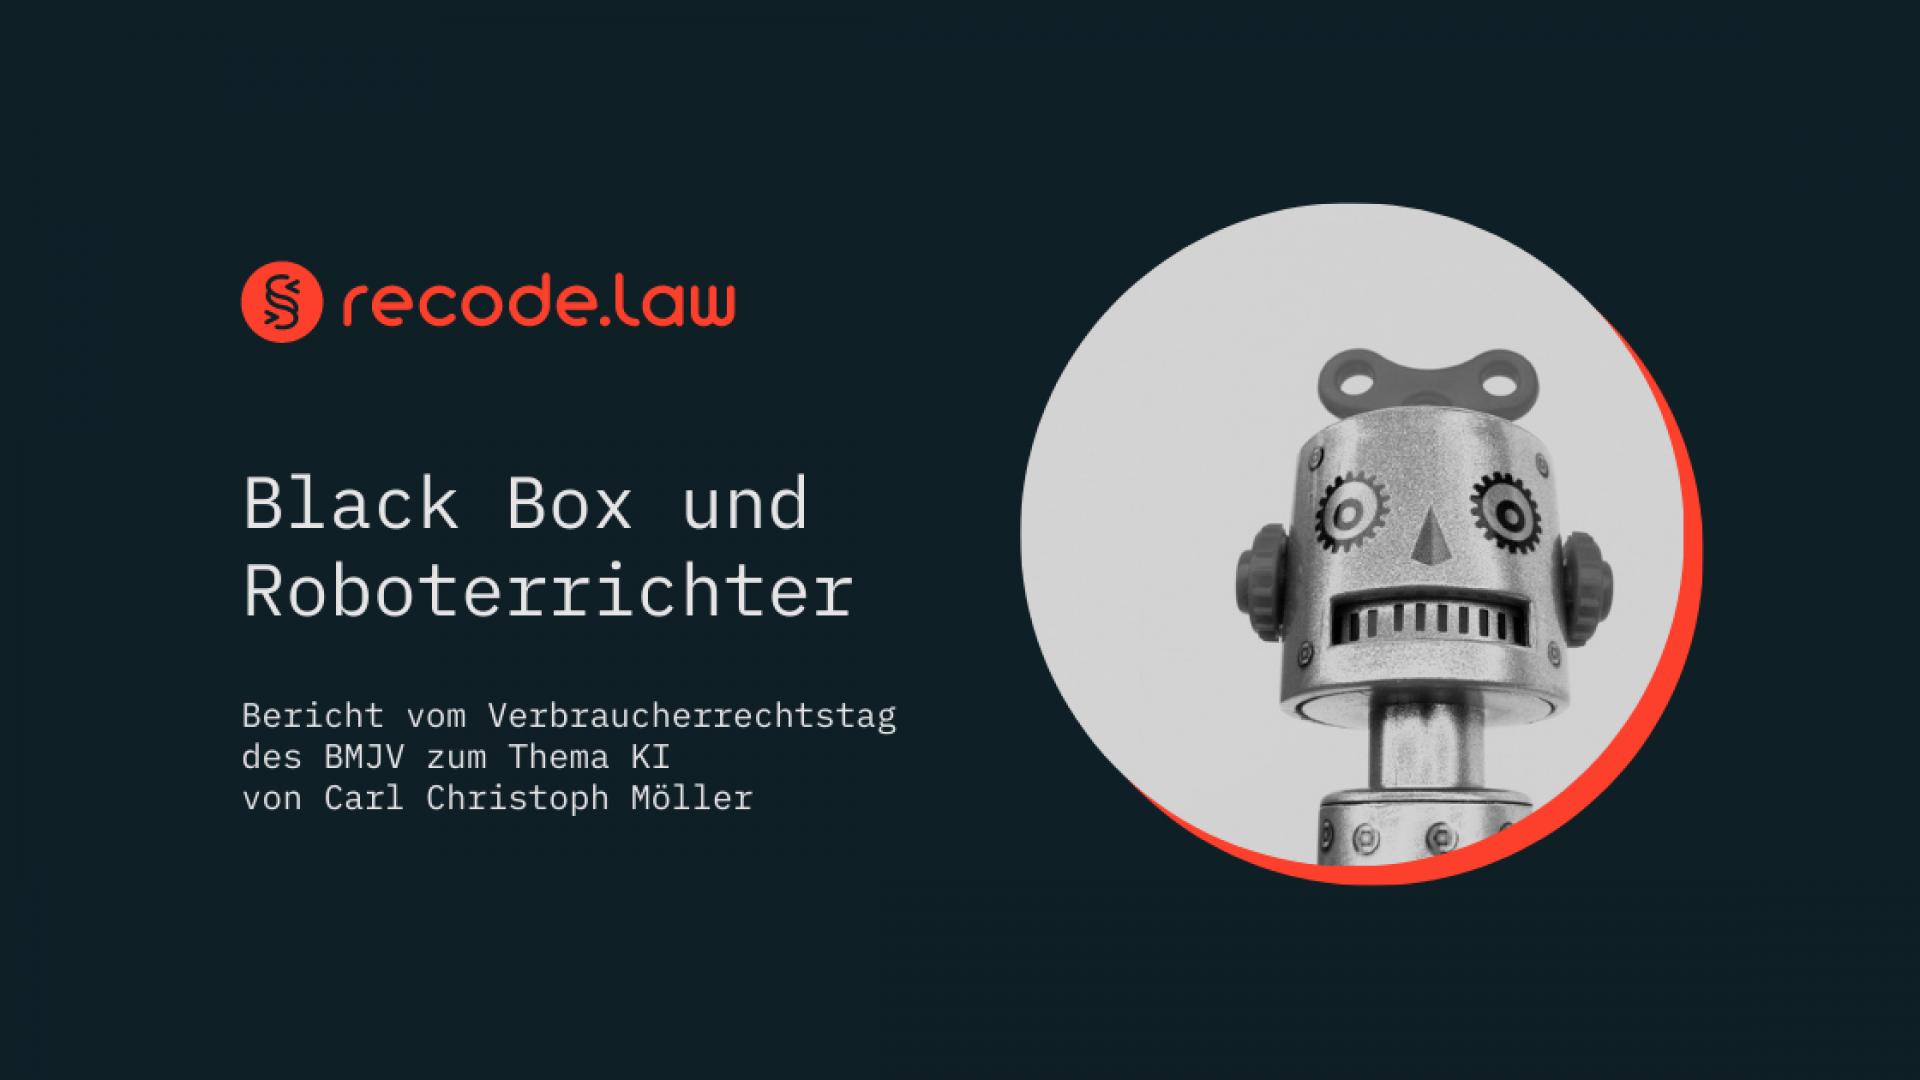 Roboterrichter_Verbraucherrechtstag_BMJV_KI_Moeller